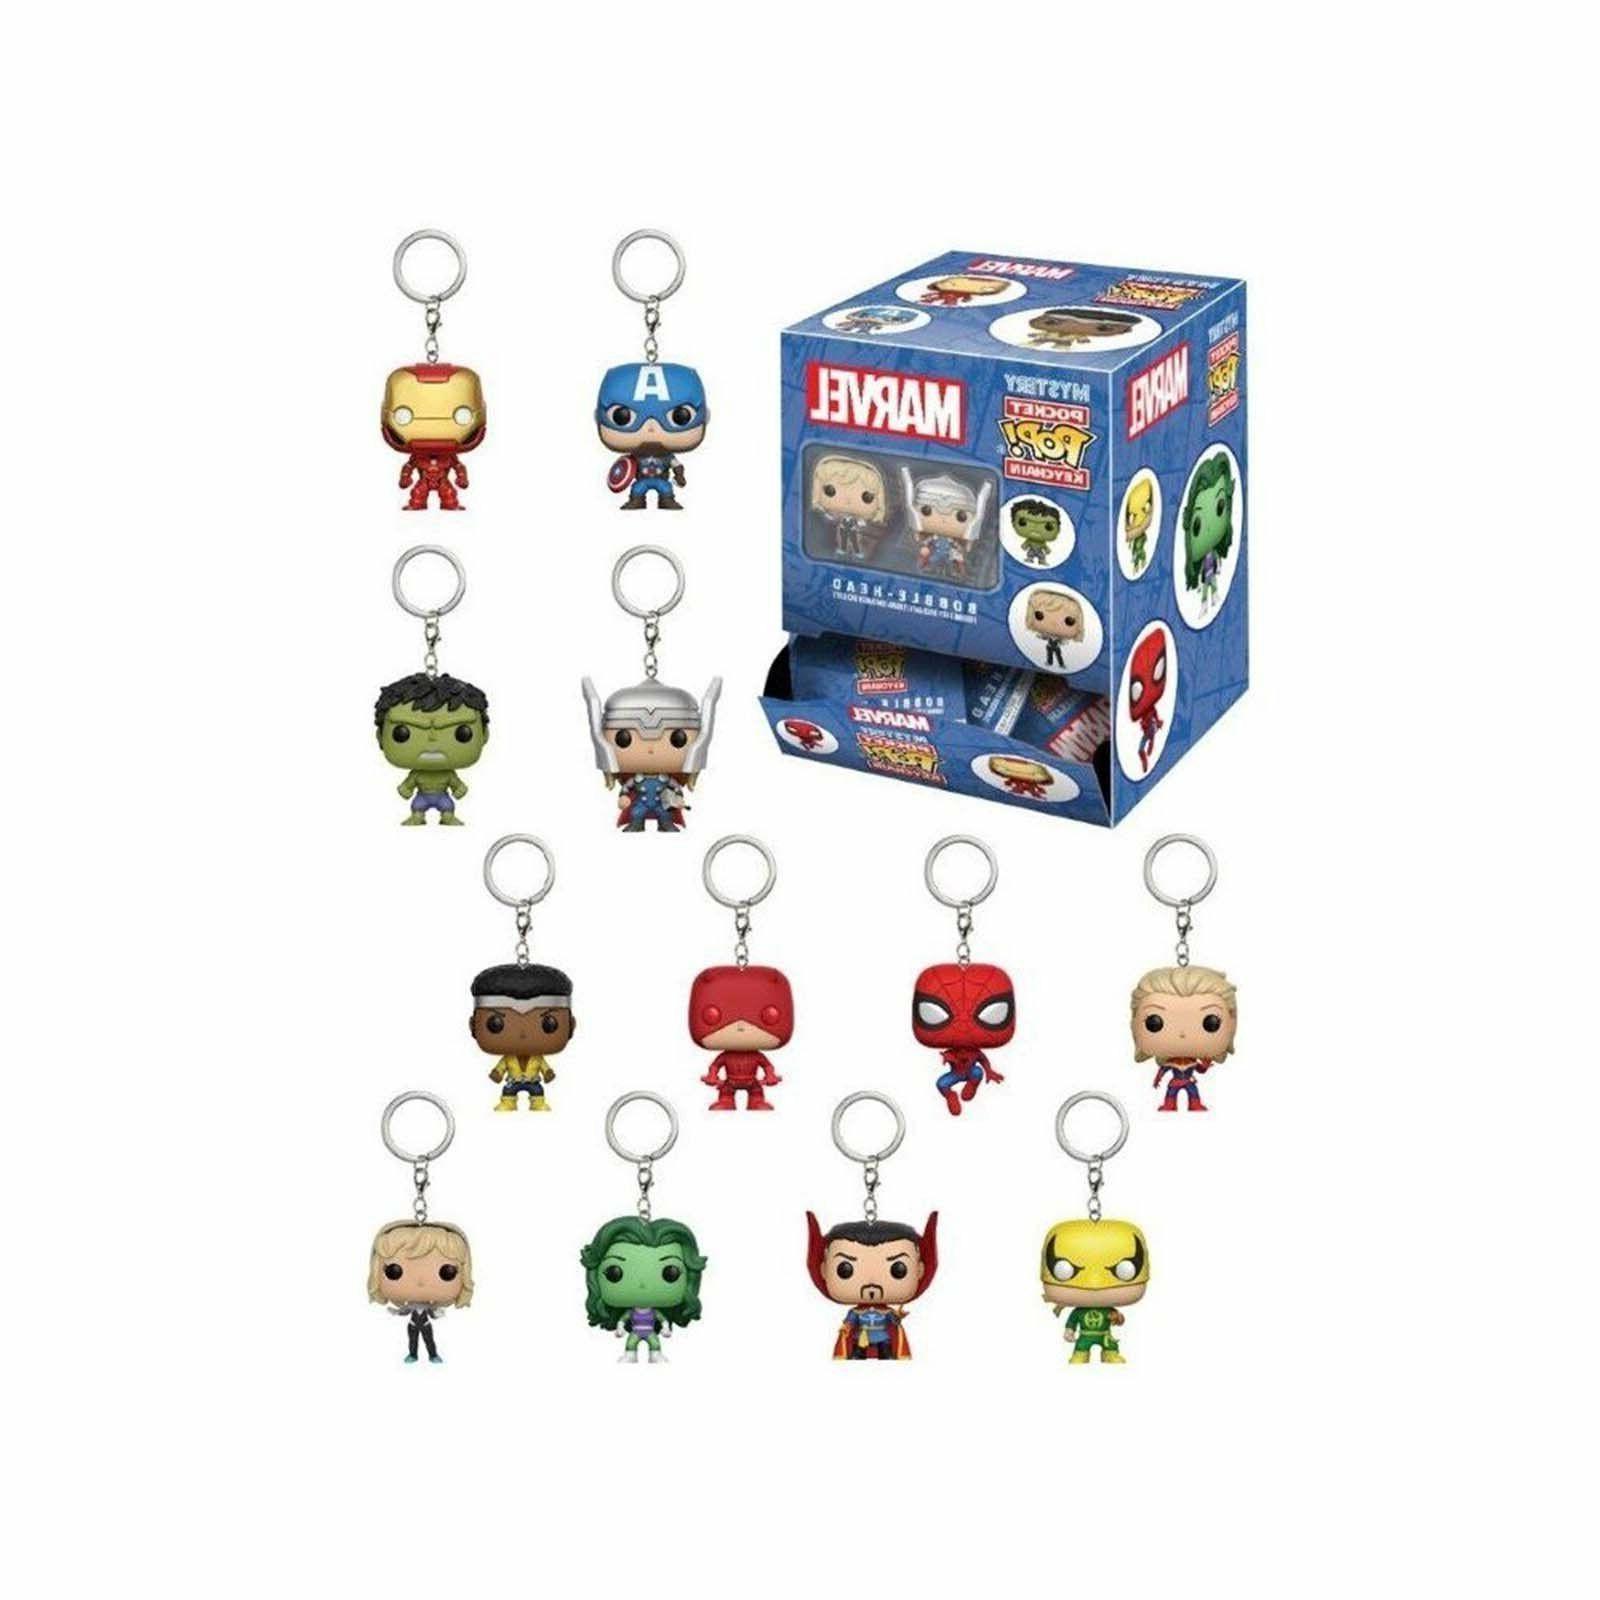 MARVEL Mystery Funko Pocket Pop Keychain Mini Figures w/ Pkg